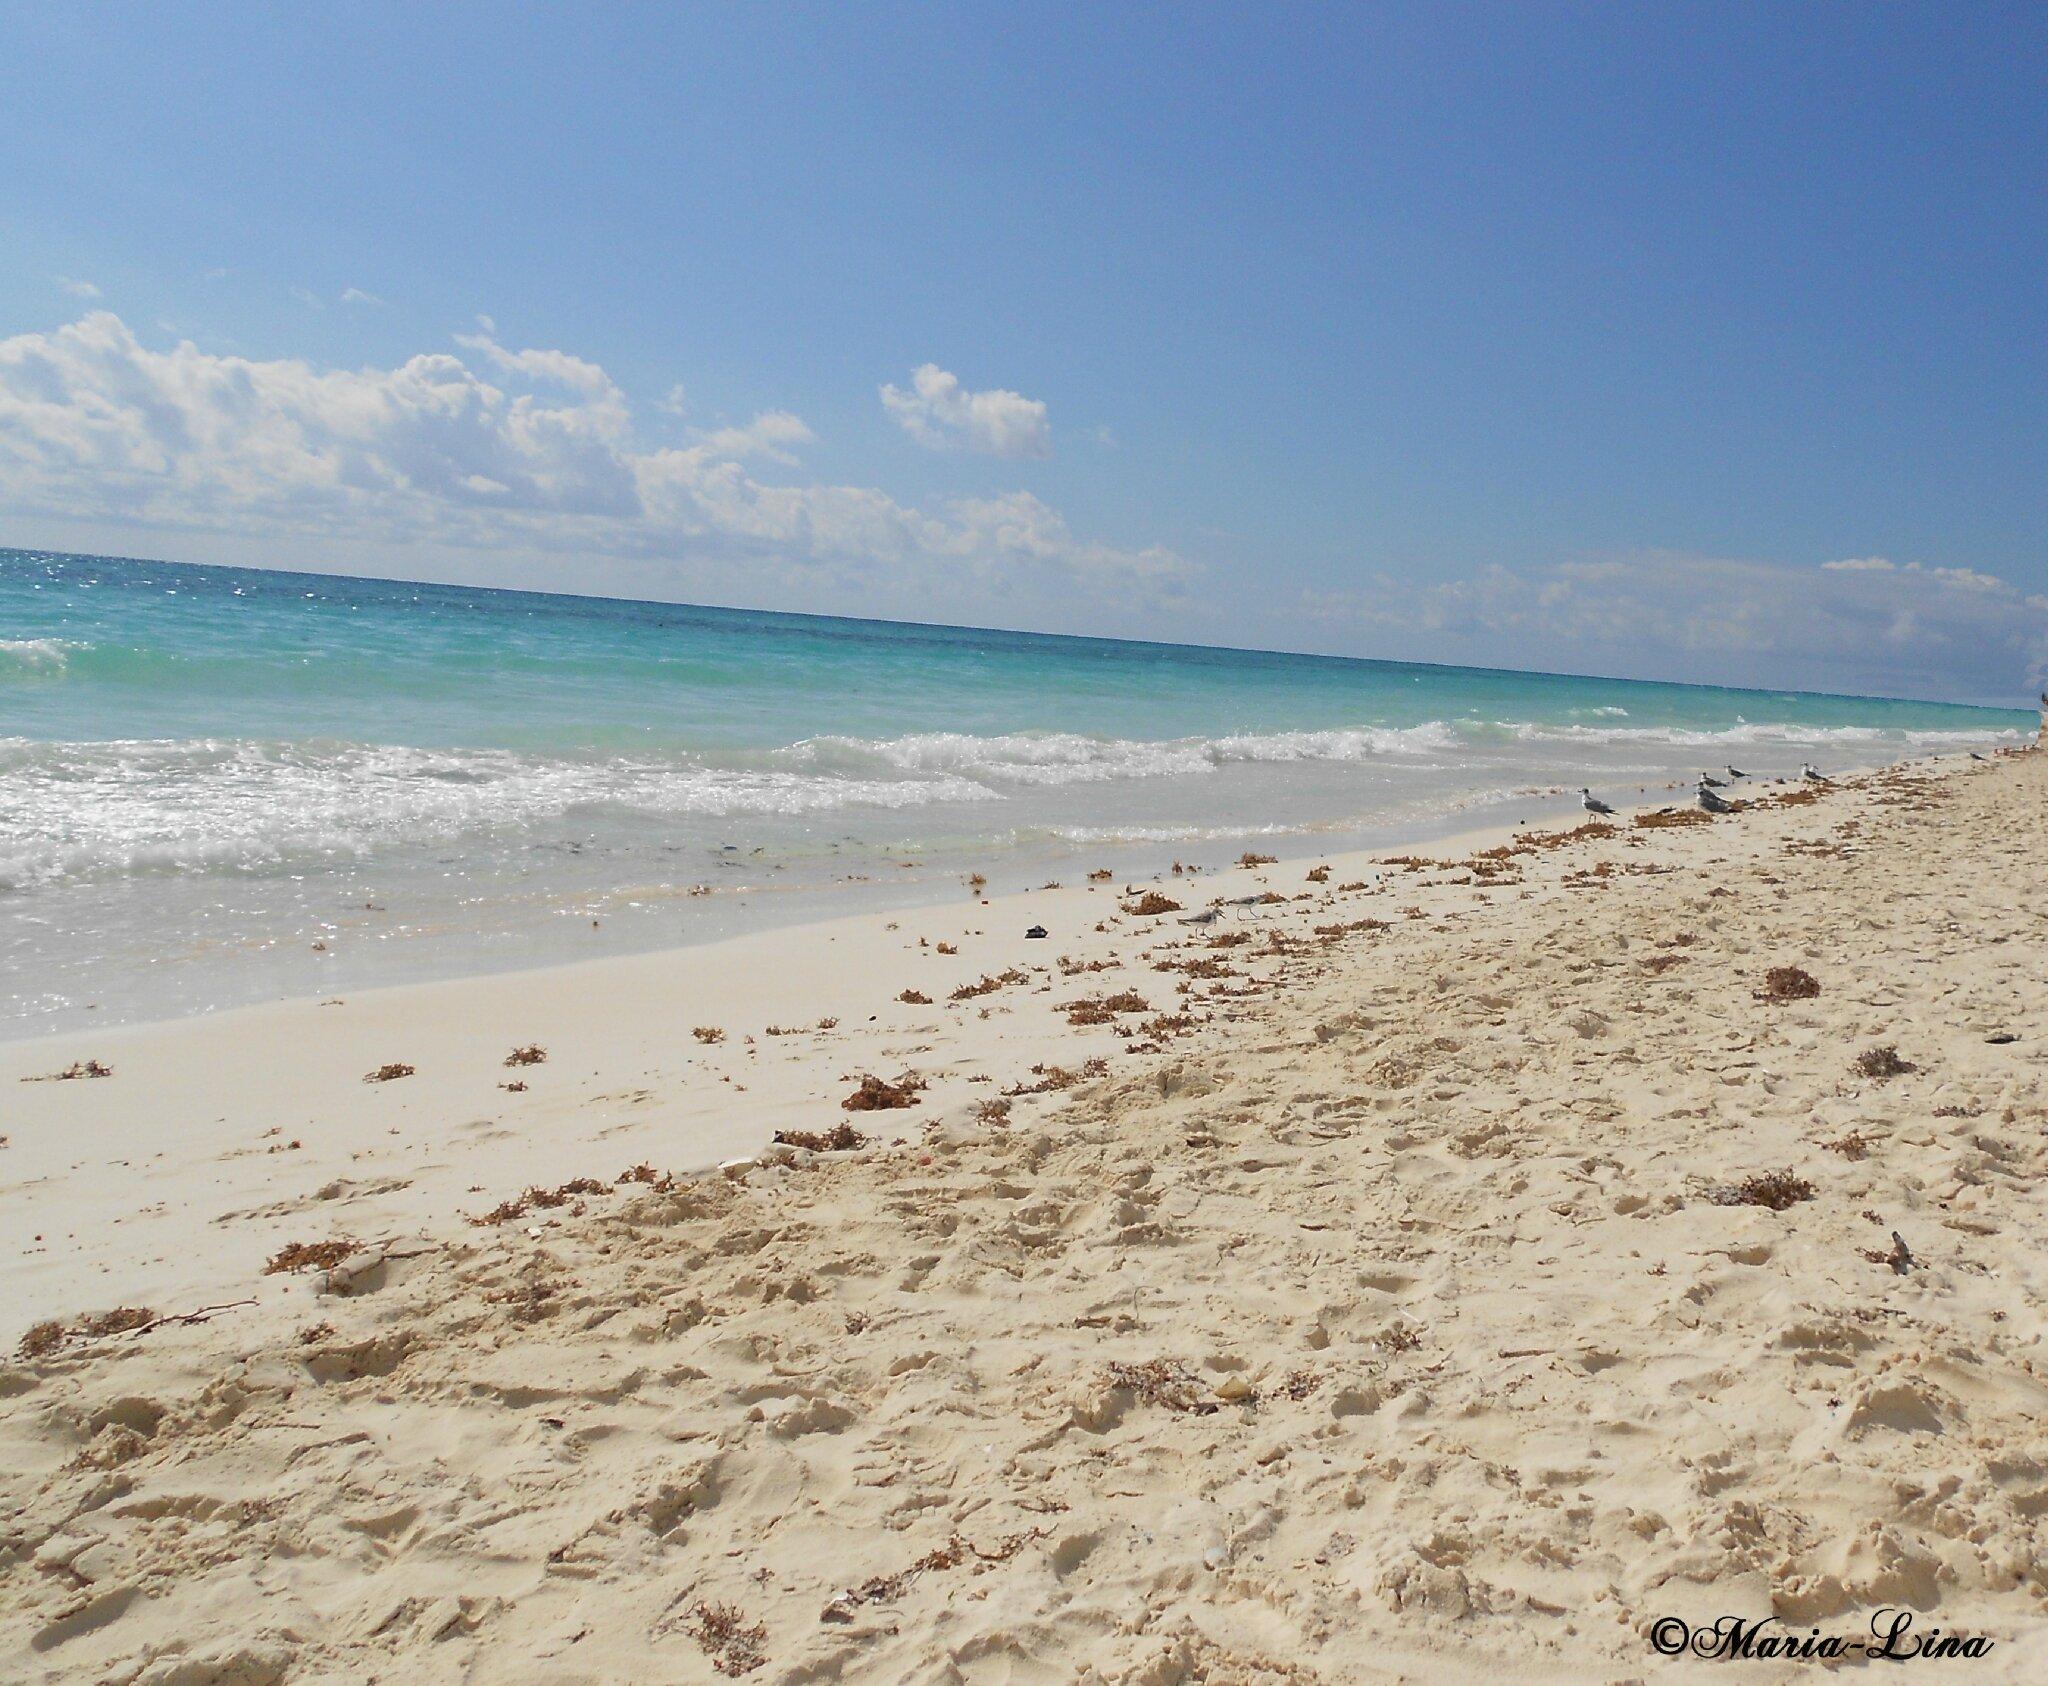 infos sur les images du sable du plage arts et voyages. Black Bedroom Furniture Sets. Home Design Ideas